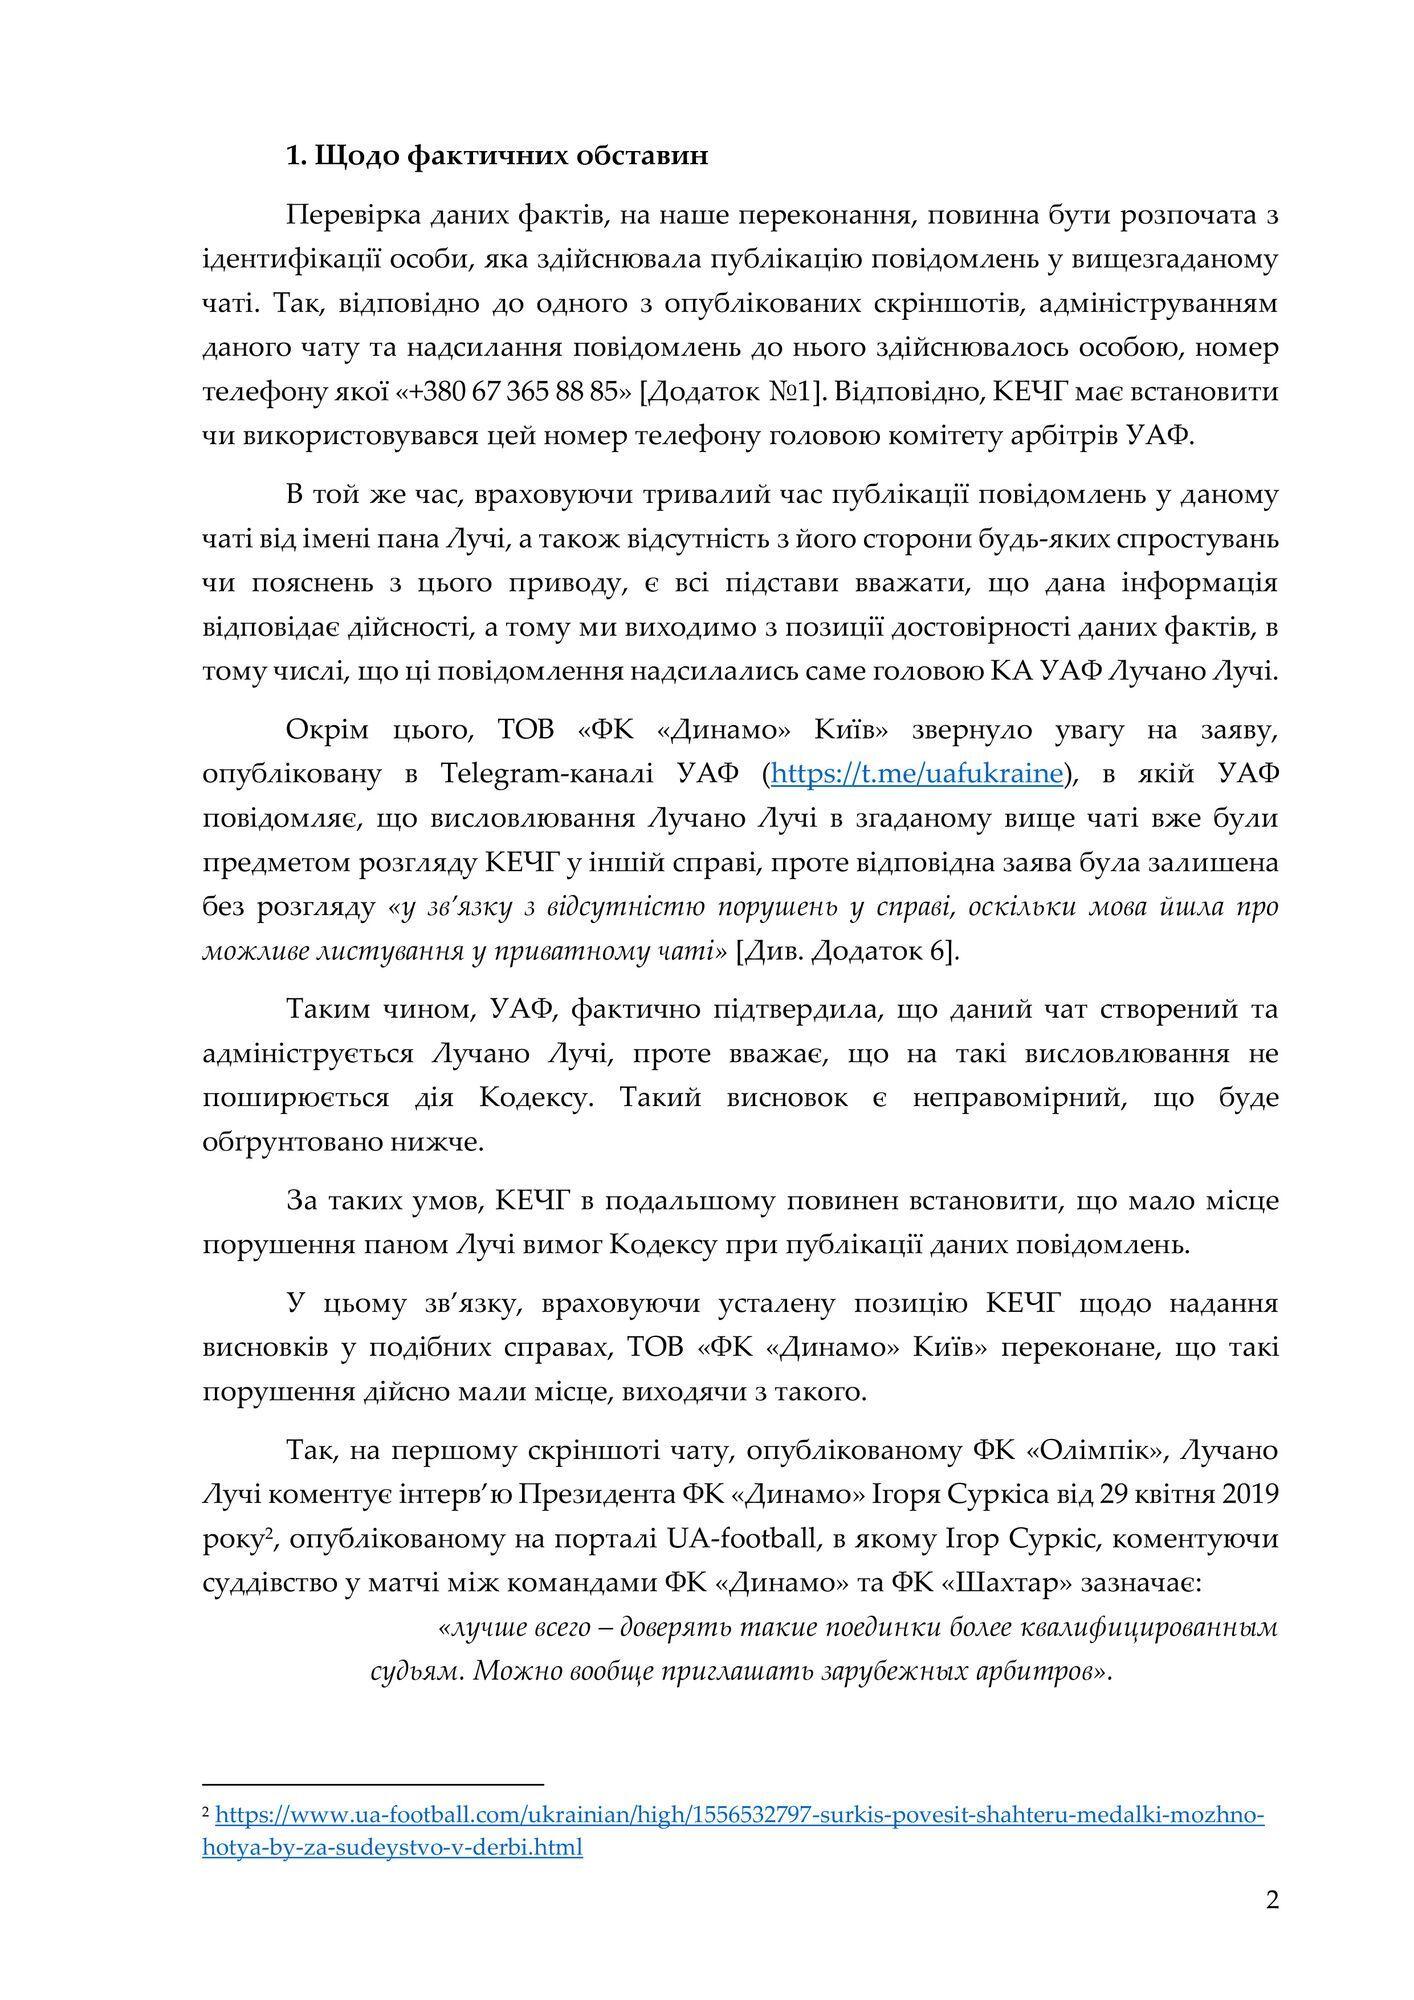 """Официальное заявление """"Динамо"""", страница 2"""